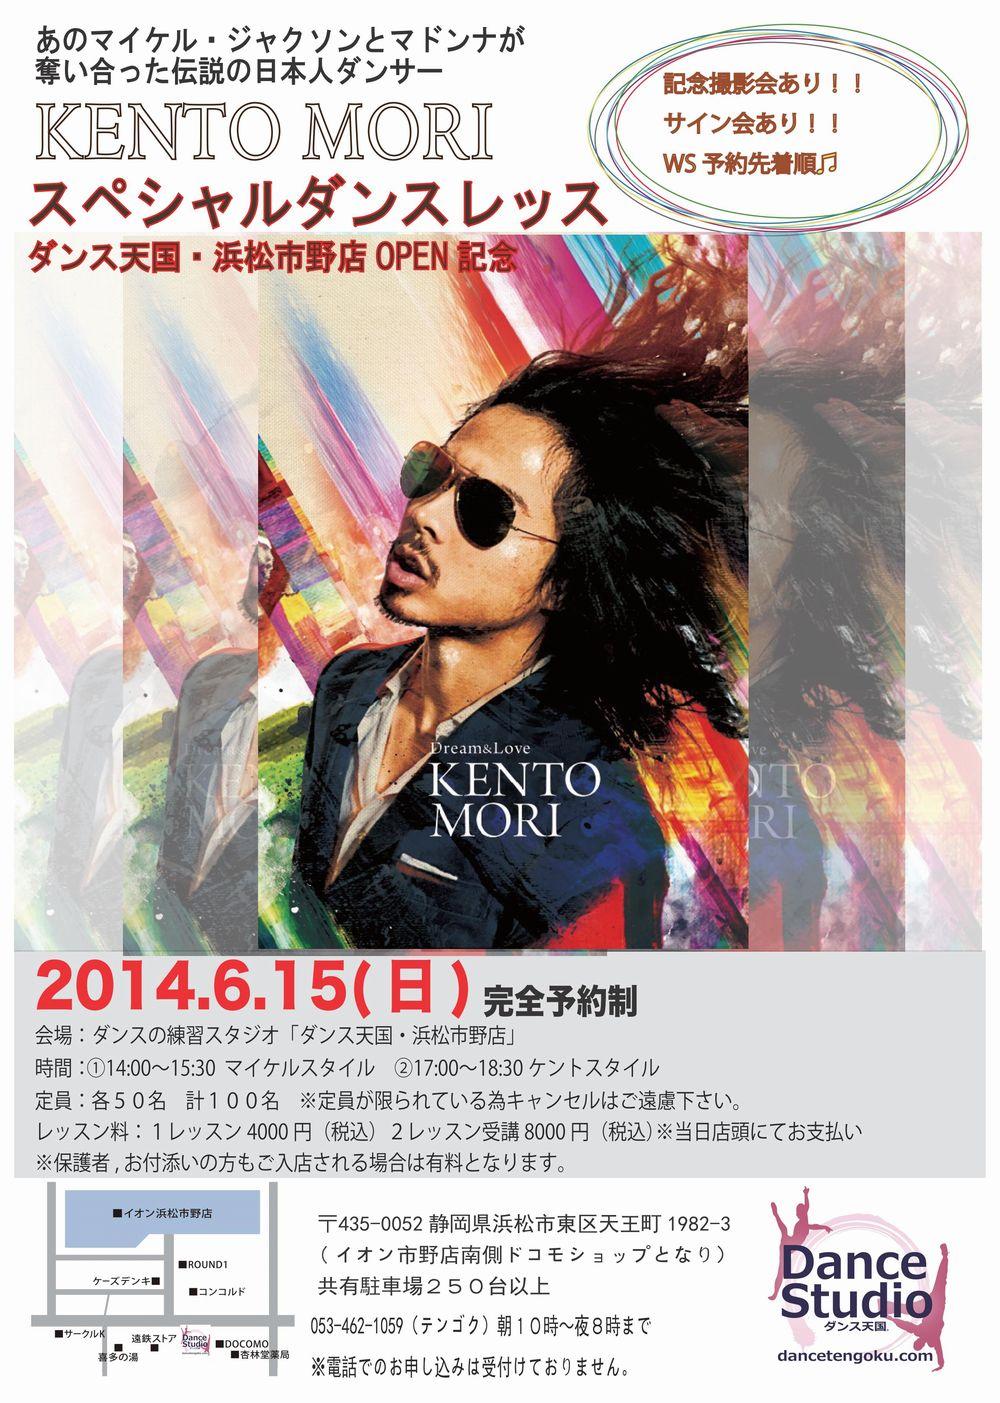 「ケント・モリ」ワークショップ@ダンス・浜松市野店6月15日(日)開催!